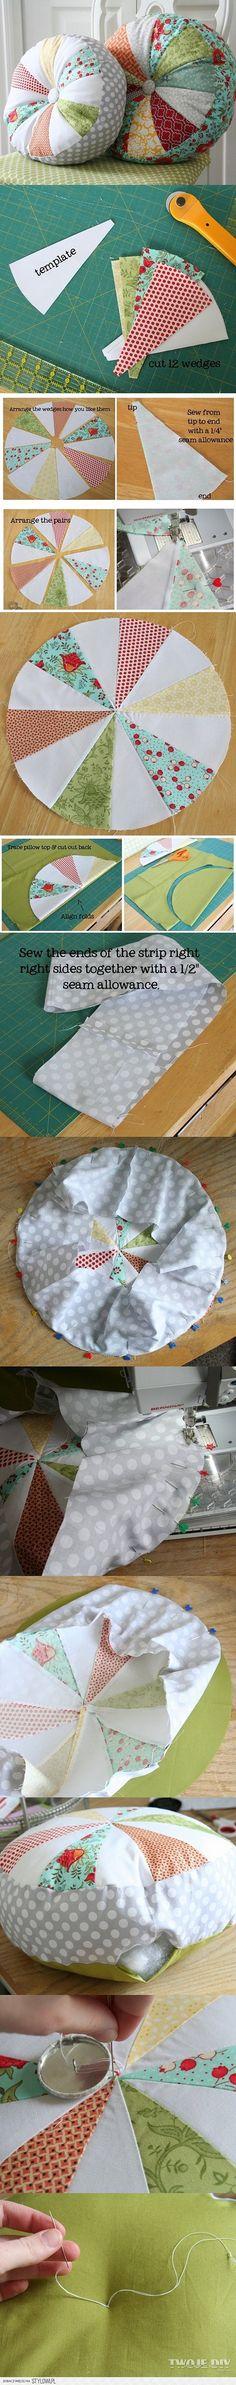 布艺 手工DIY 废物利用 制作圆靠垫的详细教程。